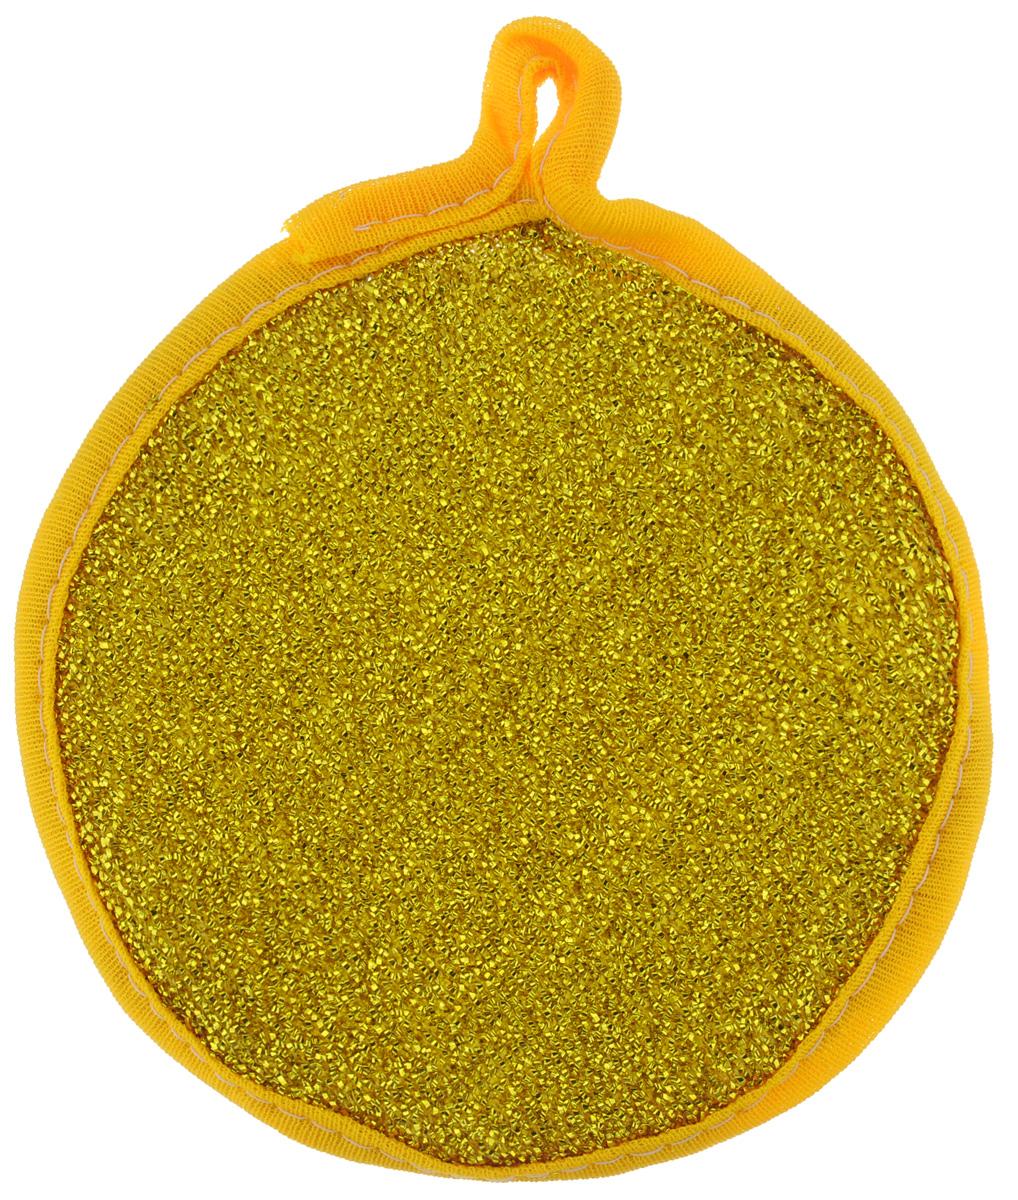 Губка для мытья посуды Youll love, двухсторонняя, для тефлона, цвет: золотой, слоновая кость13005Губка для мытья посуды Youll love изготовлена из поролона. Губка двухсторонняя: одна сторона выполнена из полипропиленовой металлизированной нити, а другая - из полимерных материалов. Губка подходит для очистки сильно загрязненных кухонных поверхностей, а также для мытья посуды из нержавеющей стали и с тефлоновым покрытием. Материал: полипропиленовая металлизированная нить, поролон, полимерные материалы. Размер губки: 12 см х 12 см х 2,5 см.